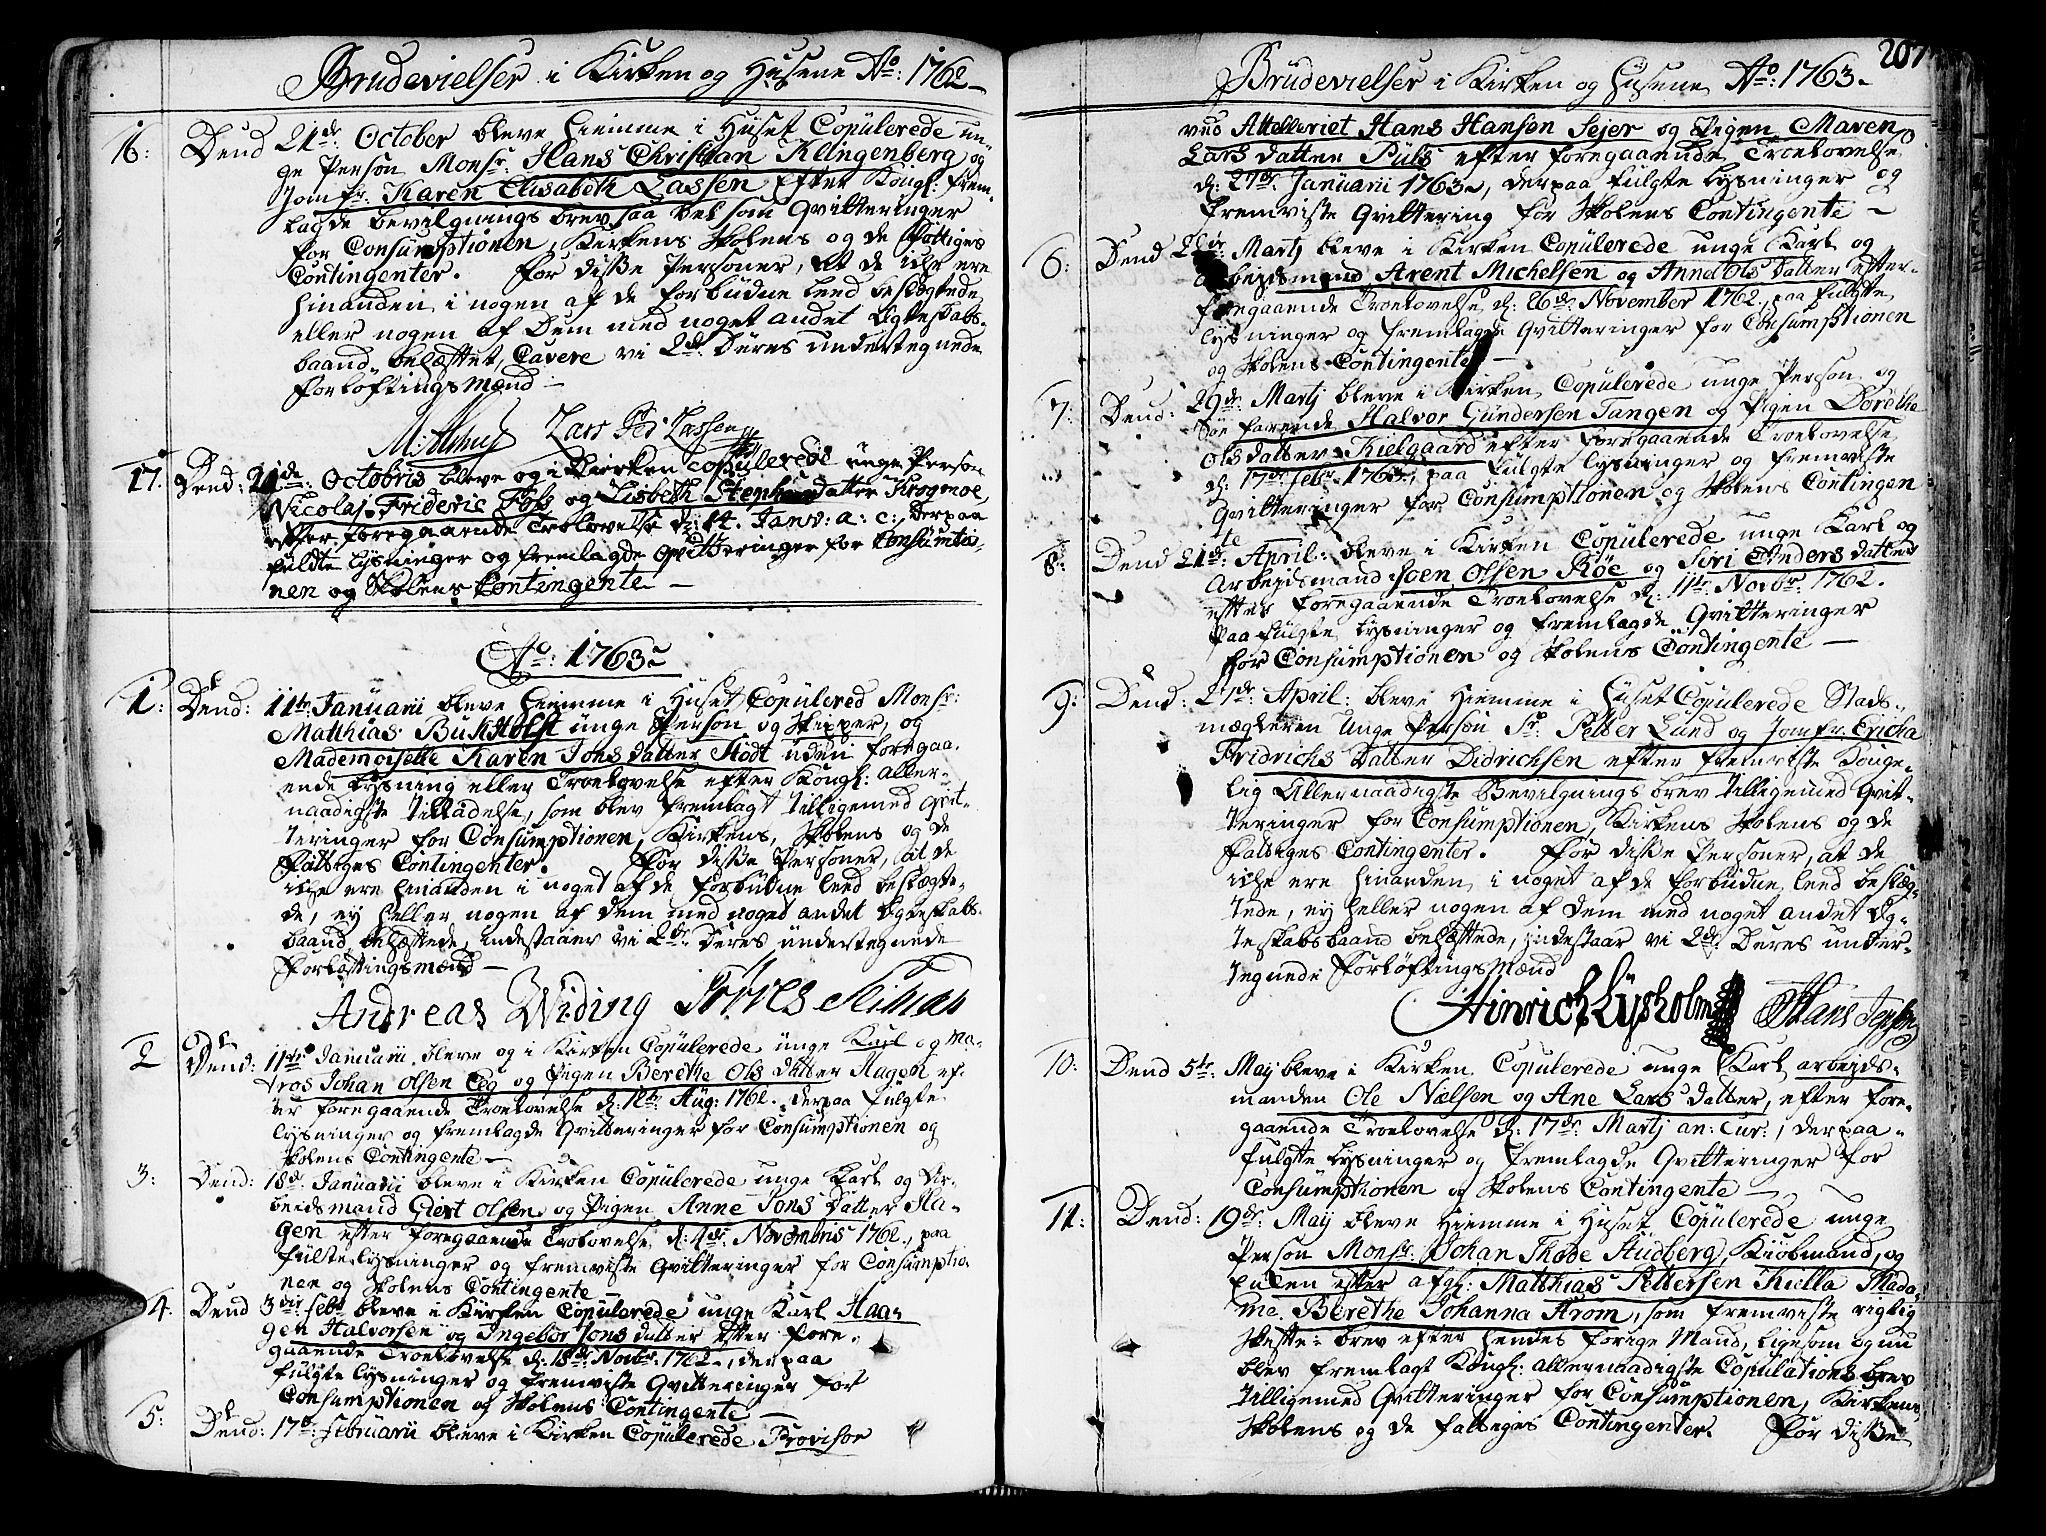 SAT, Ministerialprotokoller, klokkerbøker og fødselsregistre - Sør-Trøndelag, 602/L0103: Ministerialbok nr. 602A01, 1732-1774, s. 207